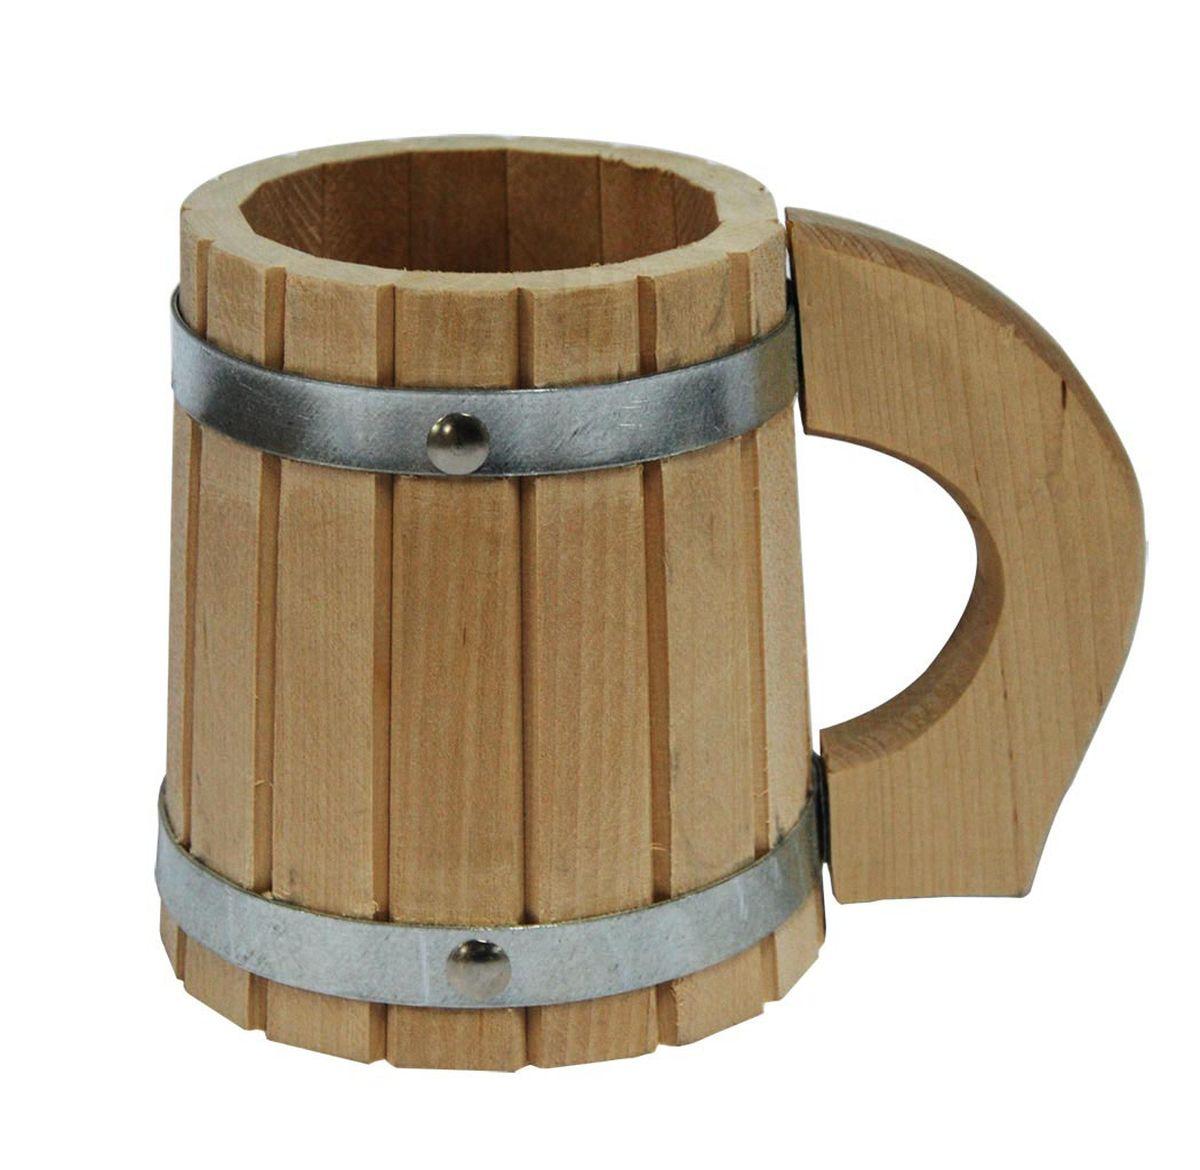 Кружка для бани и сауны Proffi Home, 0,5 лPS0150Кружка Proffi Home выполнена из березы. Она просто незаменима для подачи напитков, приготовления отваров из трав и ароматических масел, также подходит для декора или в качестве сувенира. Эксплуатация бондарных изделий.Перед первым использованием бондарное изделие рекомендуется подготовить. Для этого нужно наполнить изделие холодной водой и оставить наполненным на 2-3 часа. Затем необходимо воду слить, обдать изделие сначала горячей, потом холодной водой. Не рекомендуется оставлять бондарные изделия около нагревательных приборов, а также под длительным воздействием прямых солнечных лучей.С момента начала использования бондарного изделия не рекомендуется оставлять его без воды на срок более 1 недели. Но и продолжительное время хранить в таких изделиях воду тоже не следует.После каждого использования необходимо вымыть и ошпарить изделие кипятком. В качестве моющих средств желательно использовать пищевую соду либо раствор горчичного порошка.Правильное обращение с бондарными изделиями позволит надолго сохранить их эксплуатационные свойства и продлить срок использования! Материал: дерево.